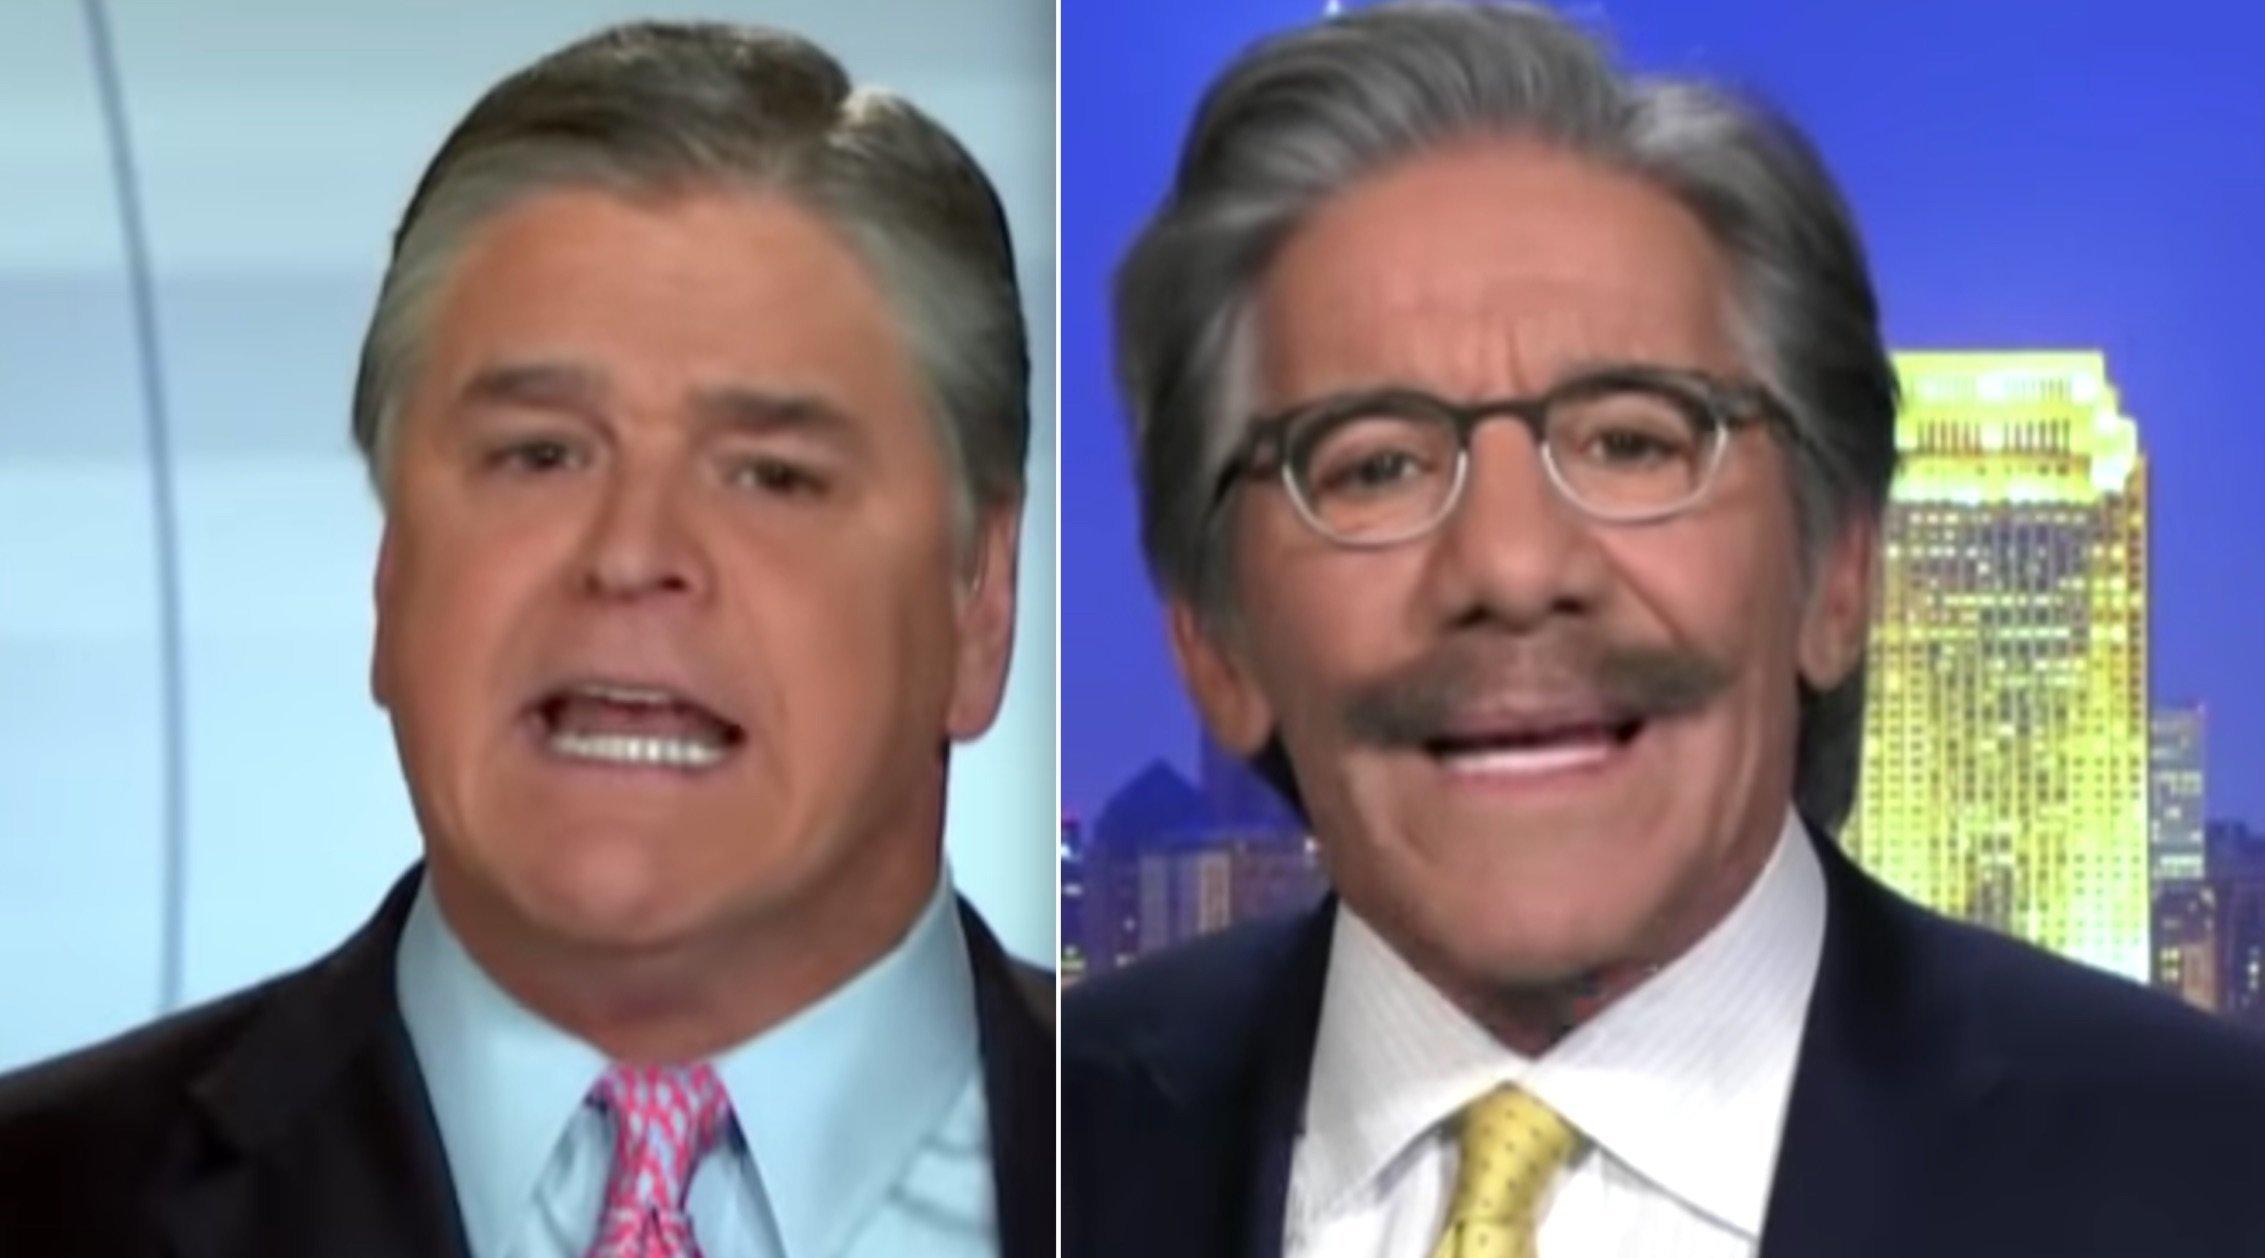 Sean Hannity, Geraldo Rivera